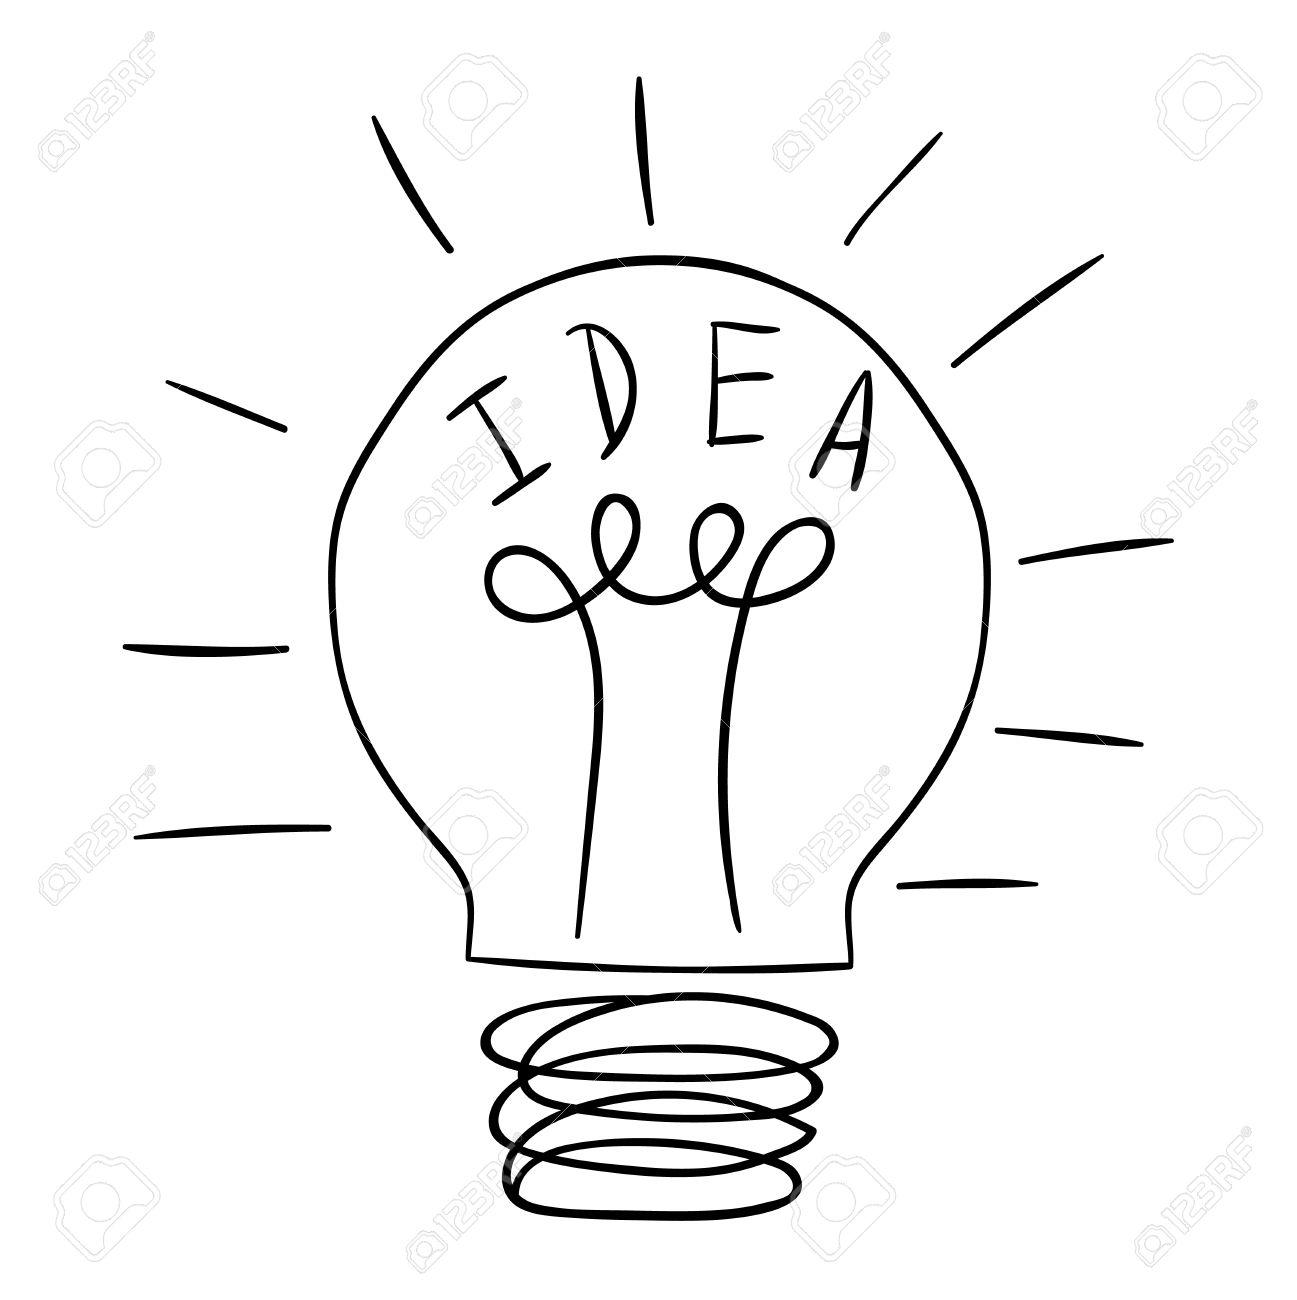 Attraktiv Standard Bild   Zeichnung Idee Glühbirne Konzept Kreative Gestaltung.  Vector Idea Lampe Innovation Elektrische Kreativität Inspiration Konzept.  Helle Idee ...